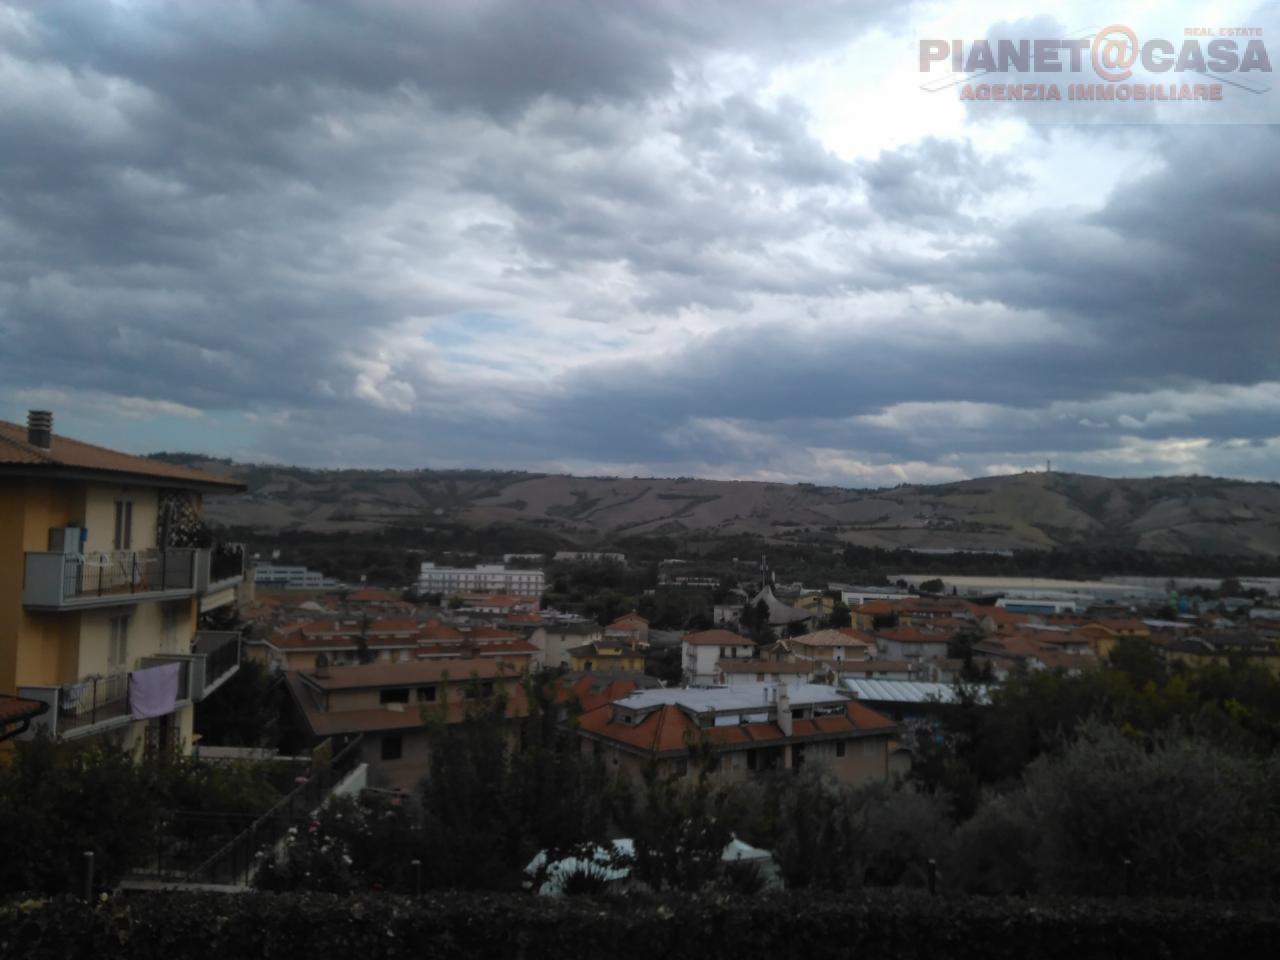 Terreno Edificabile Residenziale in vendita a Castel di Lama, 9999 locali, Trattative riservate | Cambio Casa.it